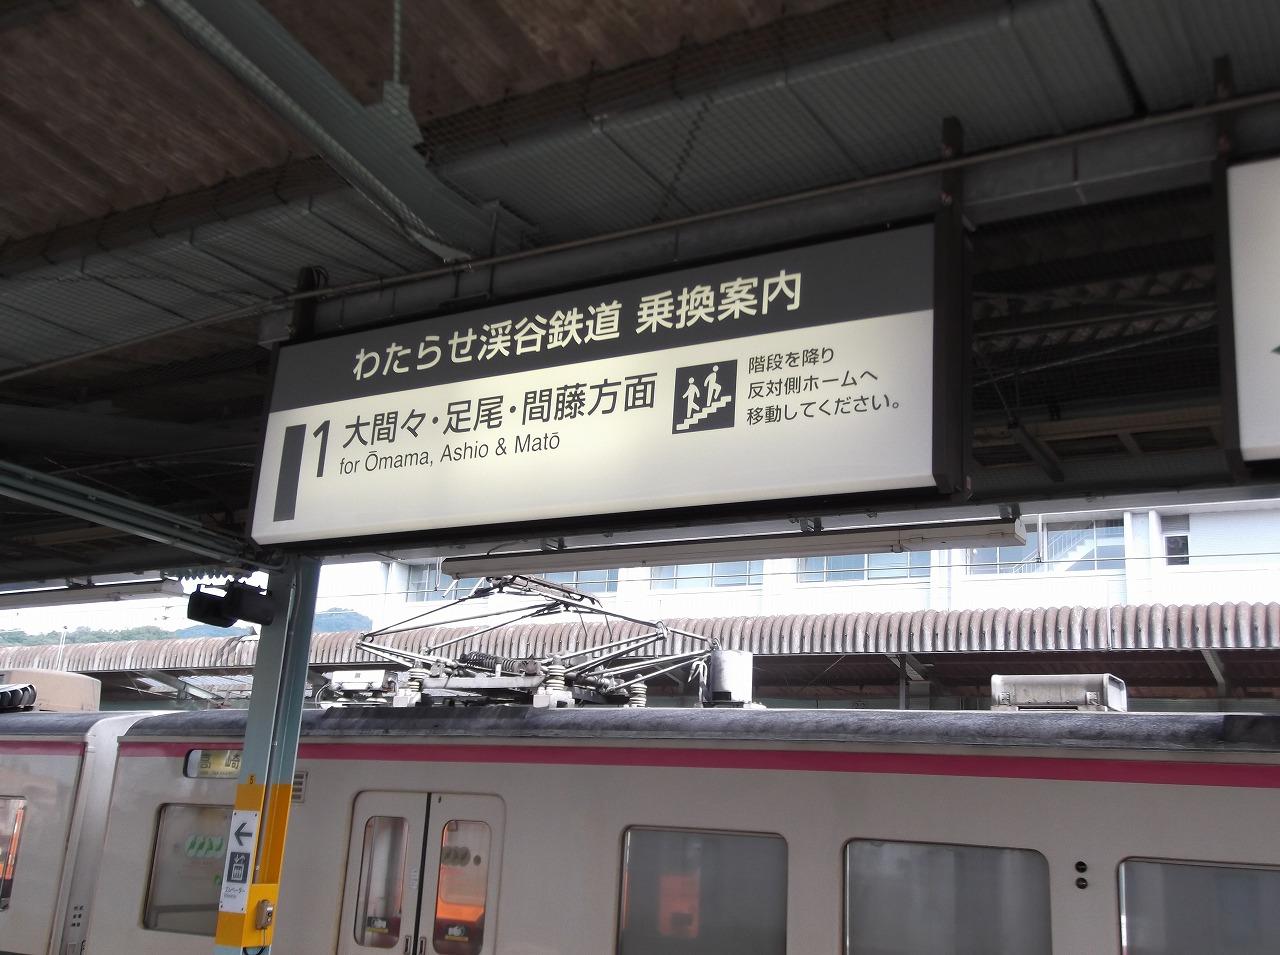 03_DSCF3620.jpg